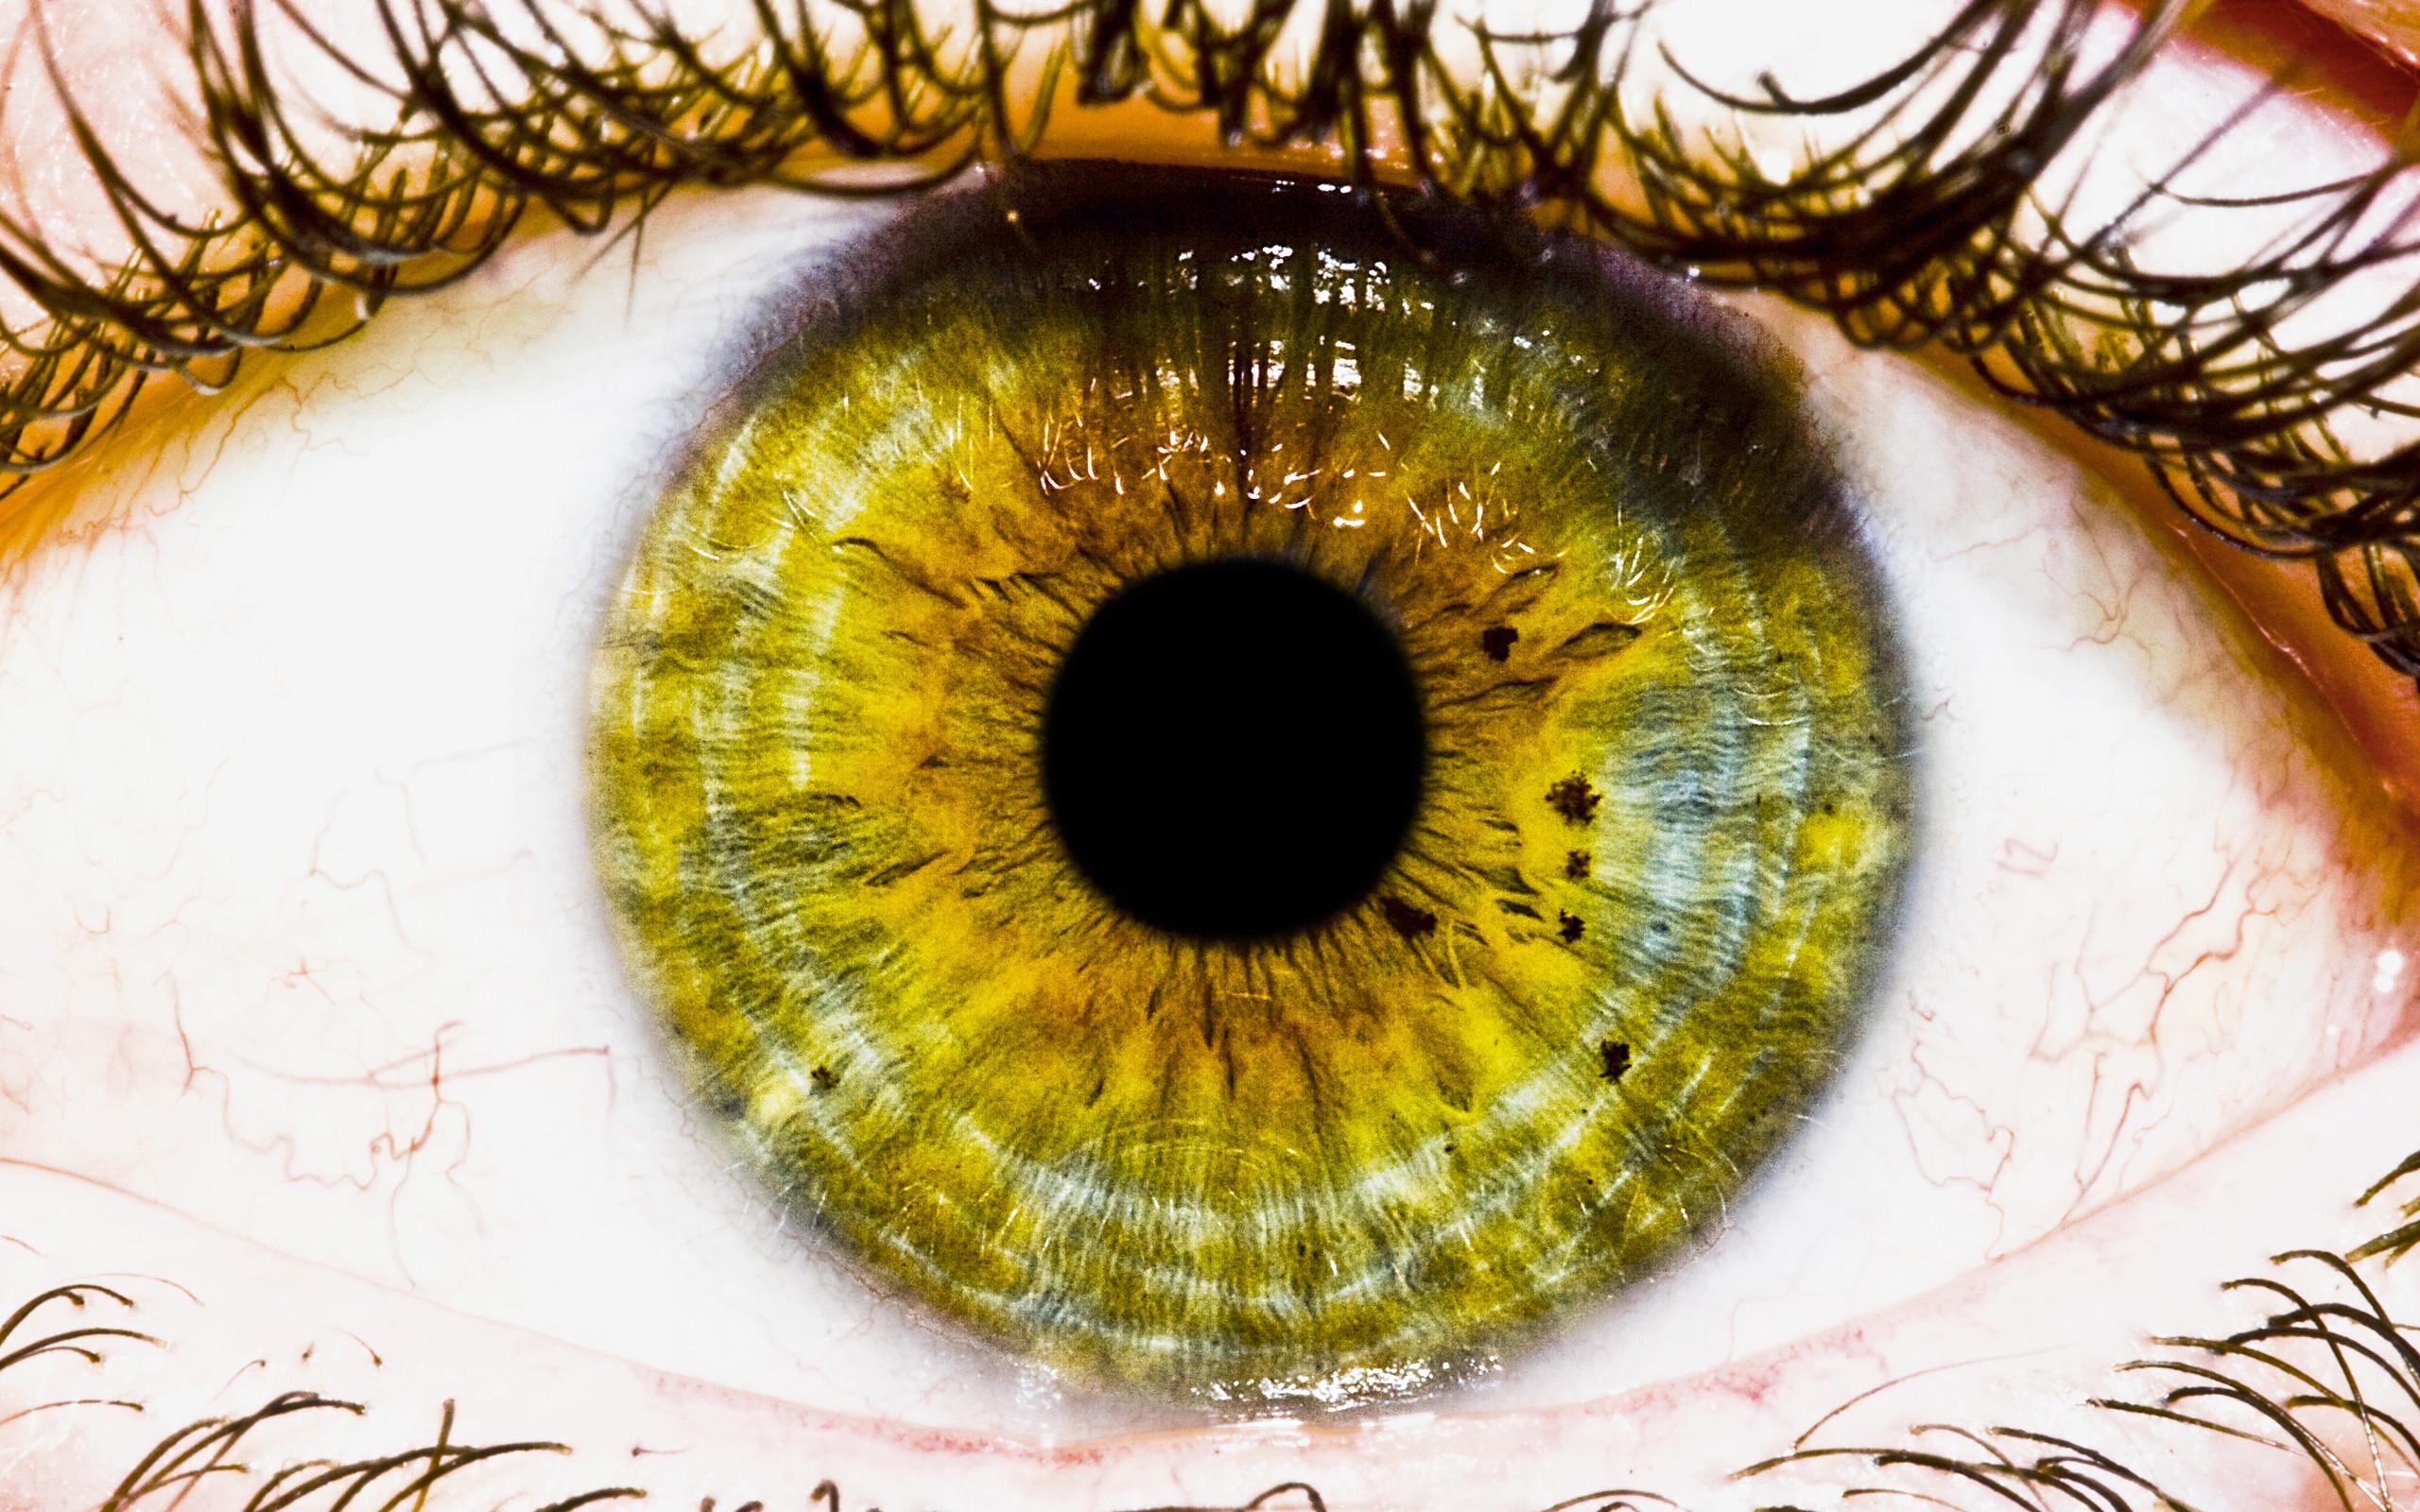 creative eye wallpaper